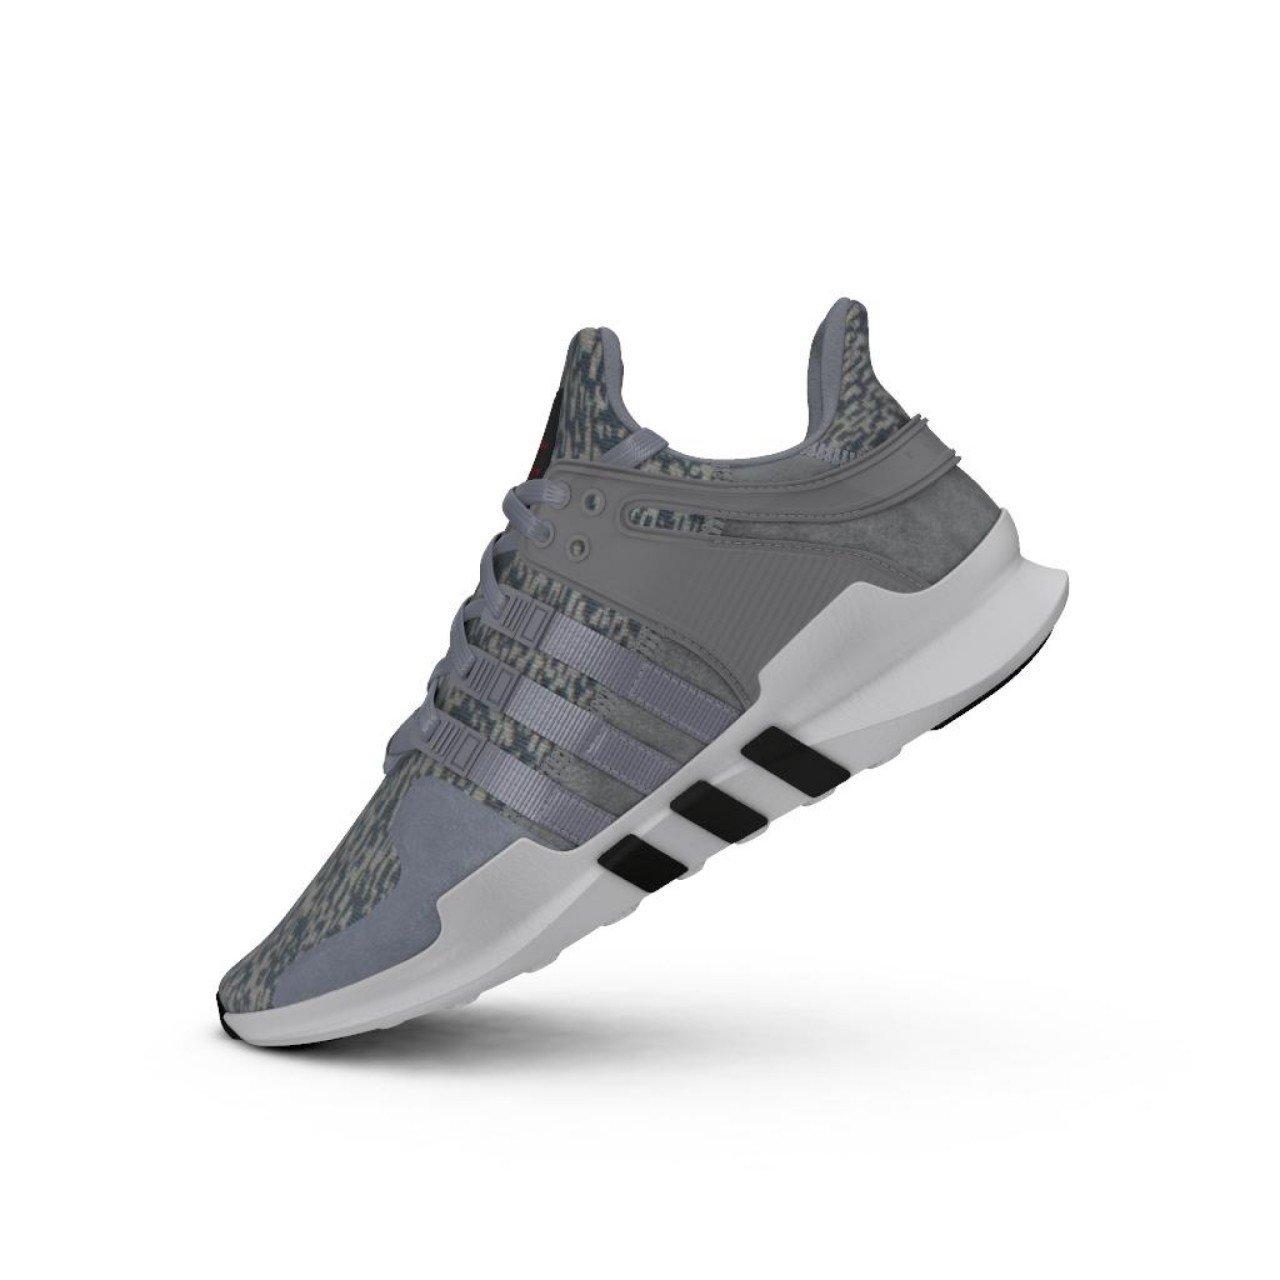 Adidas EQT Support ADV 792 scarpe da ginnastica Unisex – Adulto   Per Vincere Elogio Caldo Dai Clienti    Uomini/Donna Scarpa